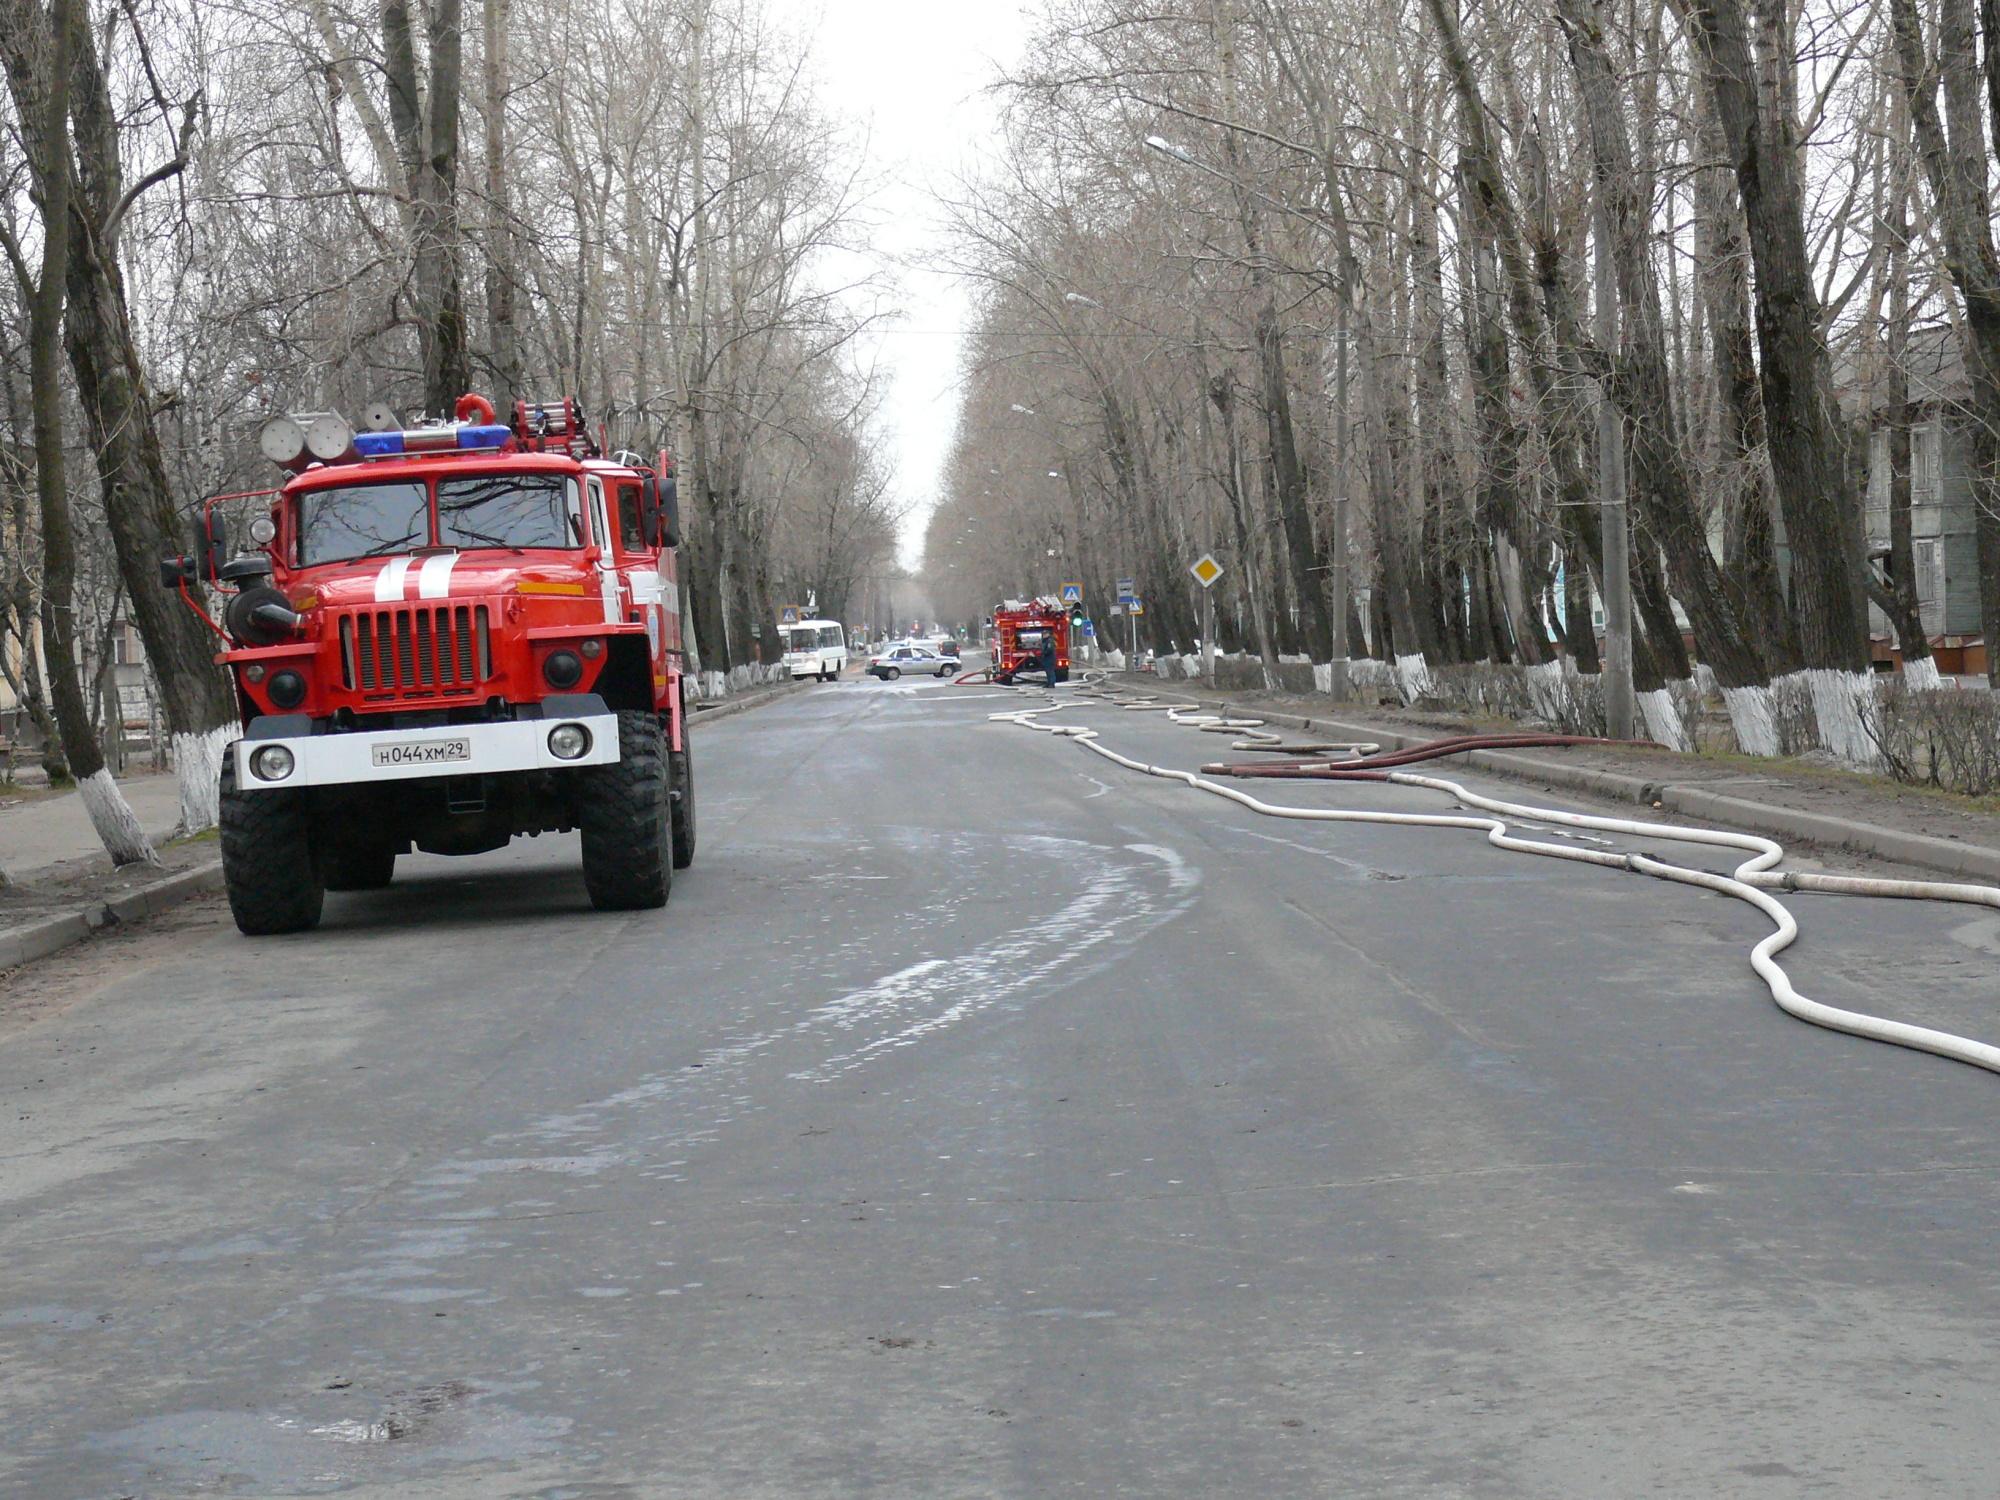 Пожарно-спасательные подразделения ликвидировали пожар в Каргопольском районе Архангельской области